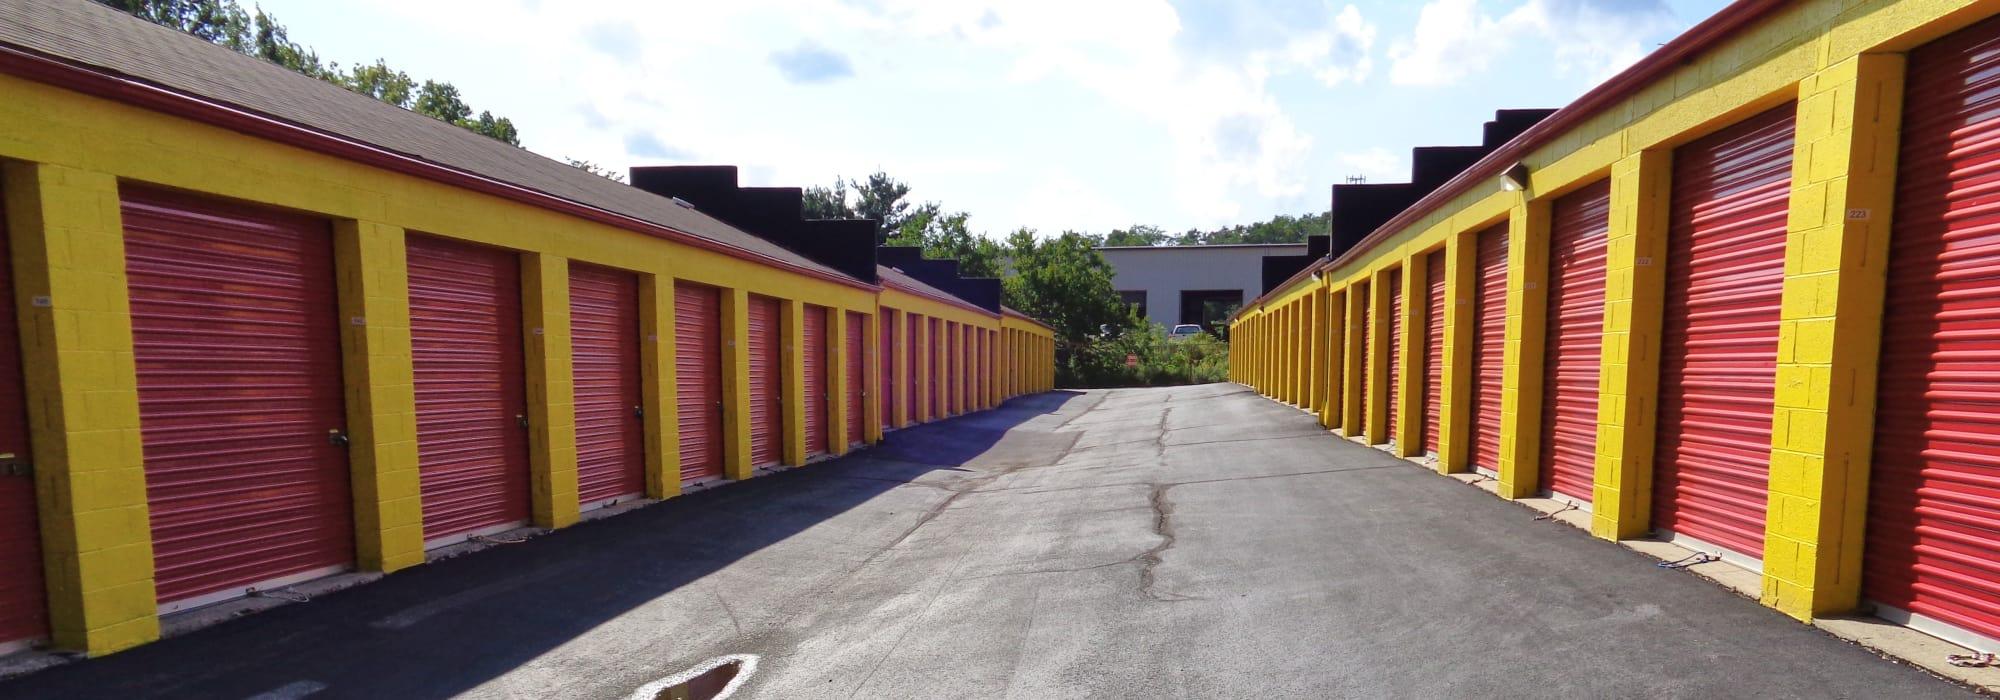 Prime Storage in Clinton, NJ